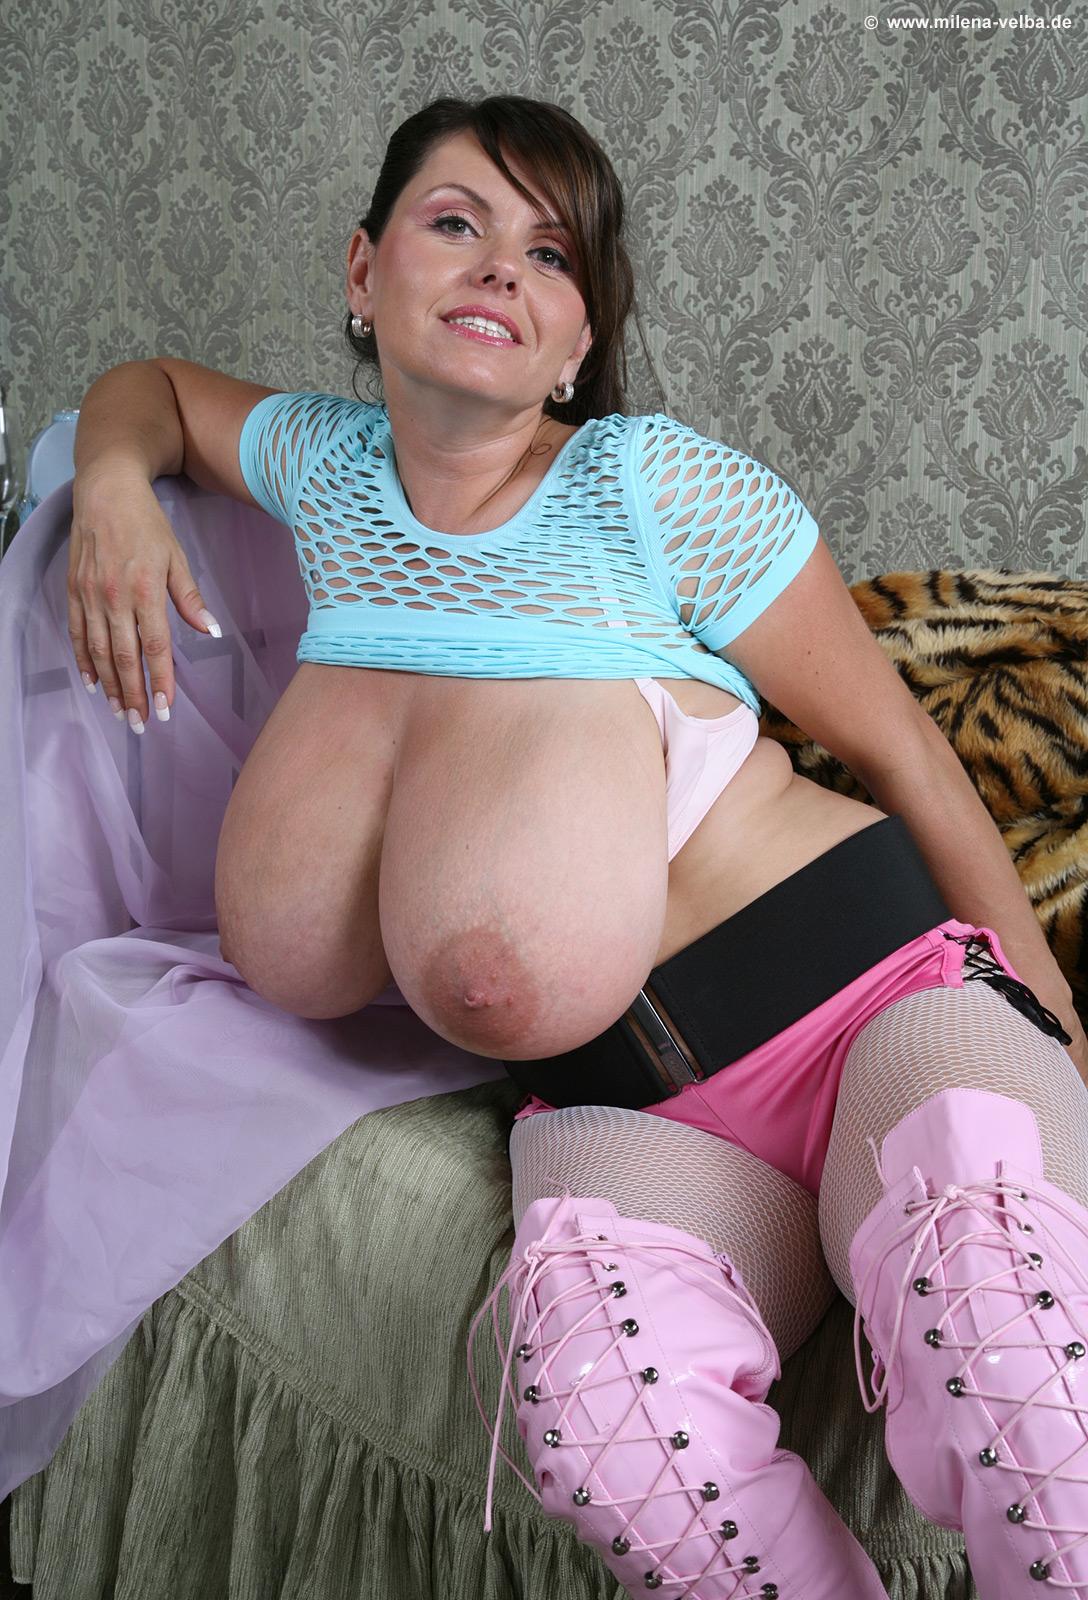 ххх фото большие сиси строгой мамочки фото людям